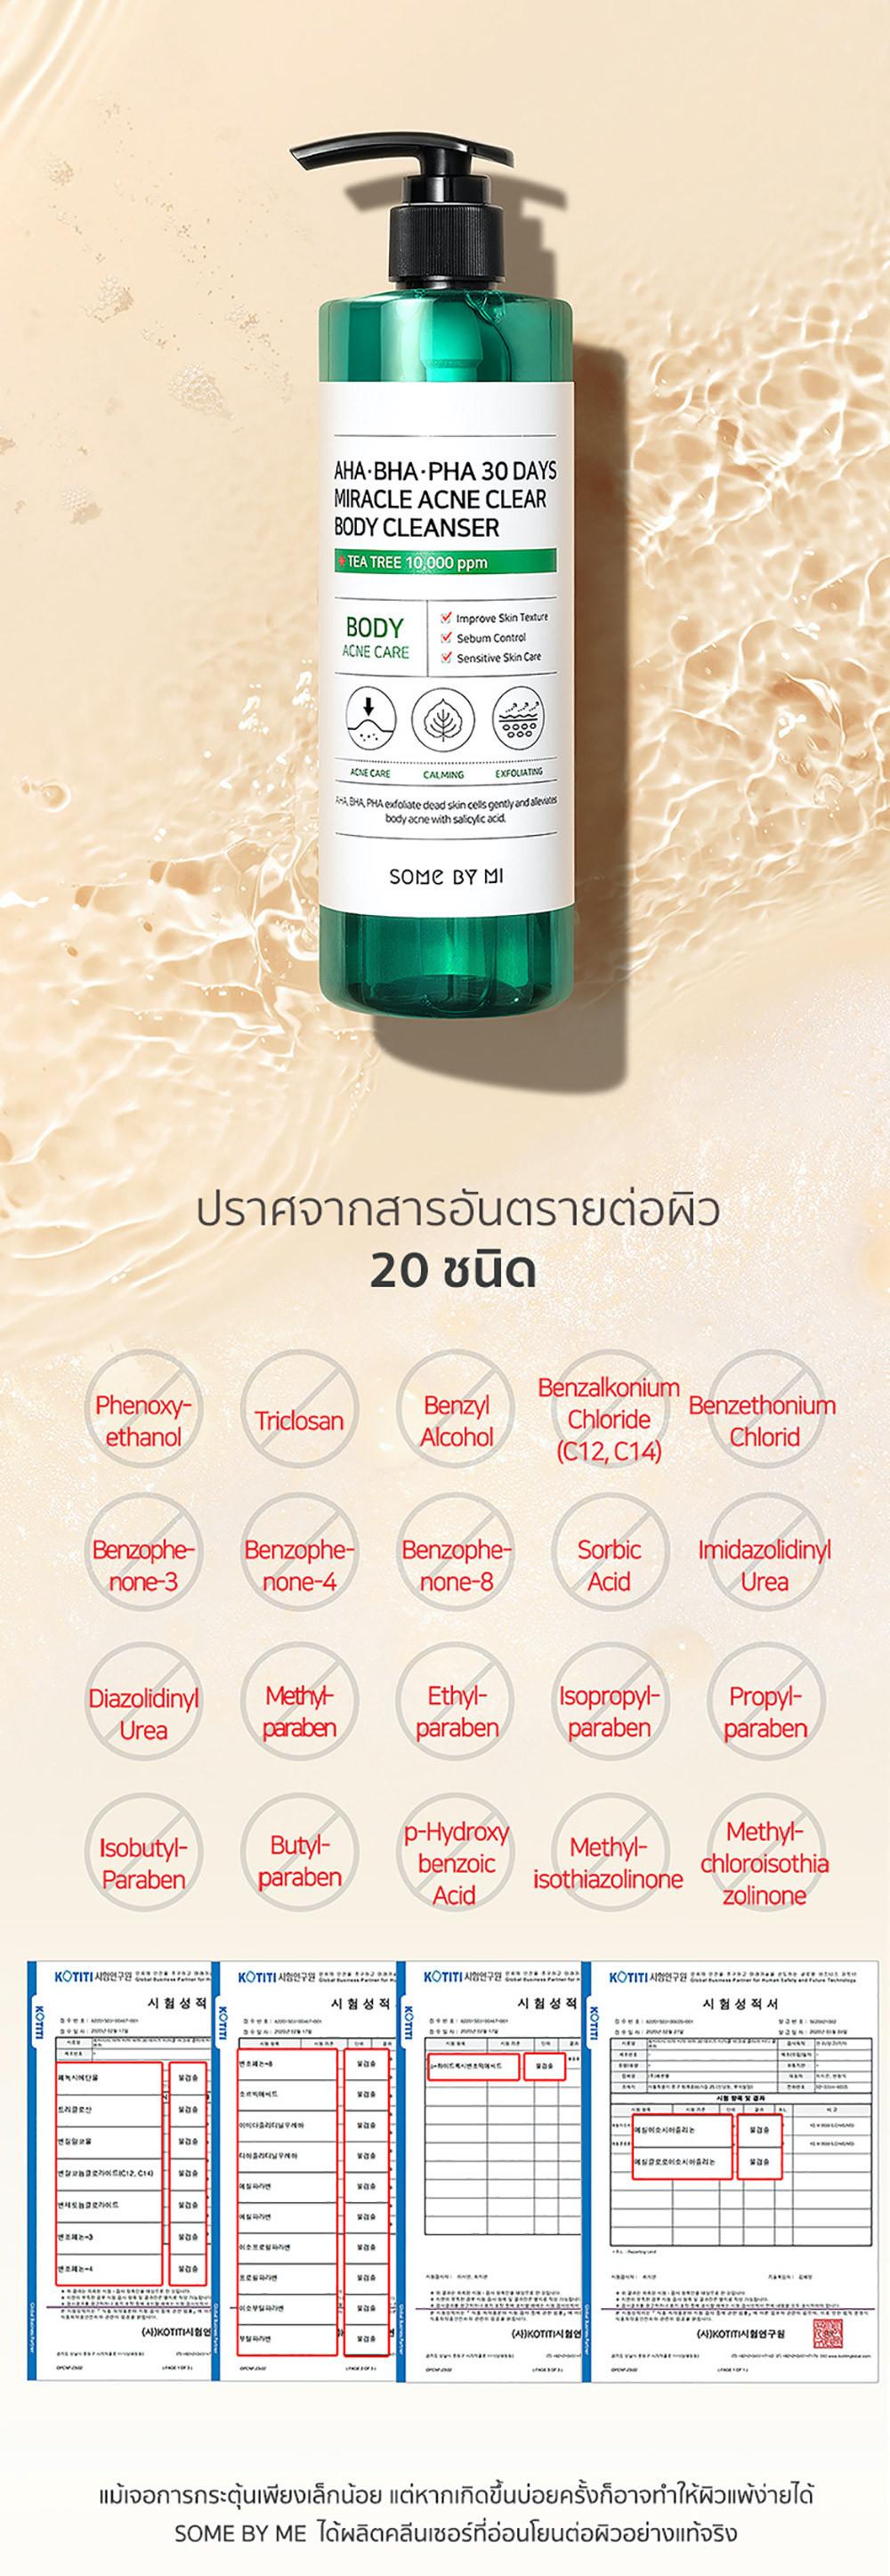 02---sbm-body-cleanser-12.jpg